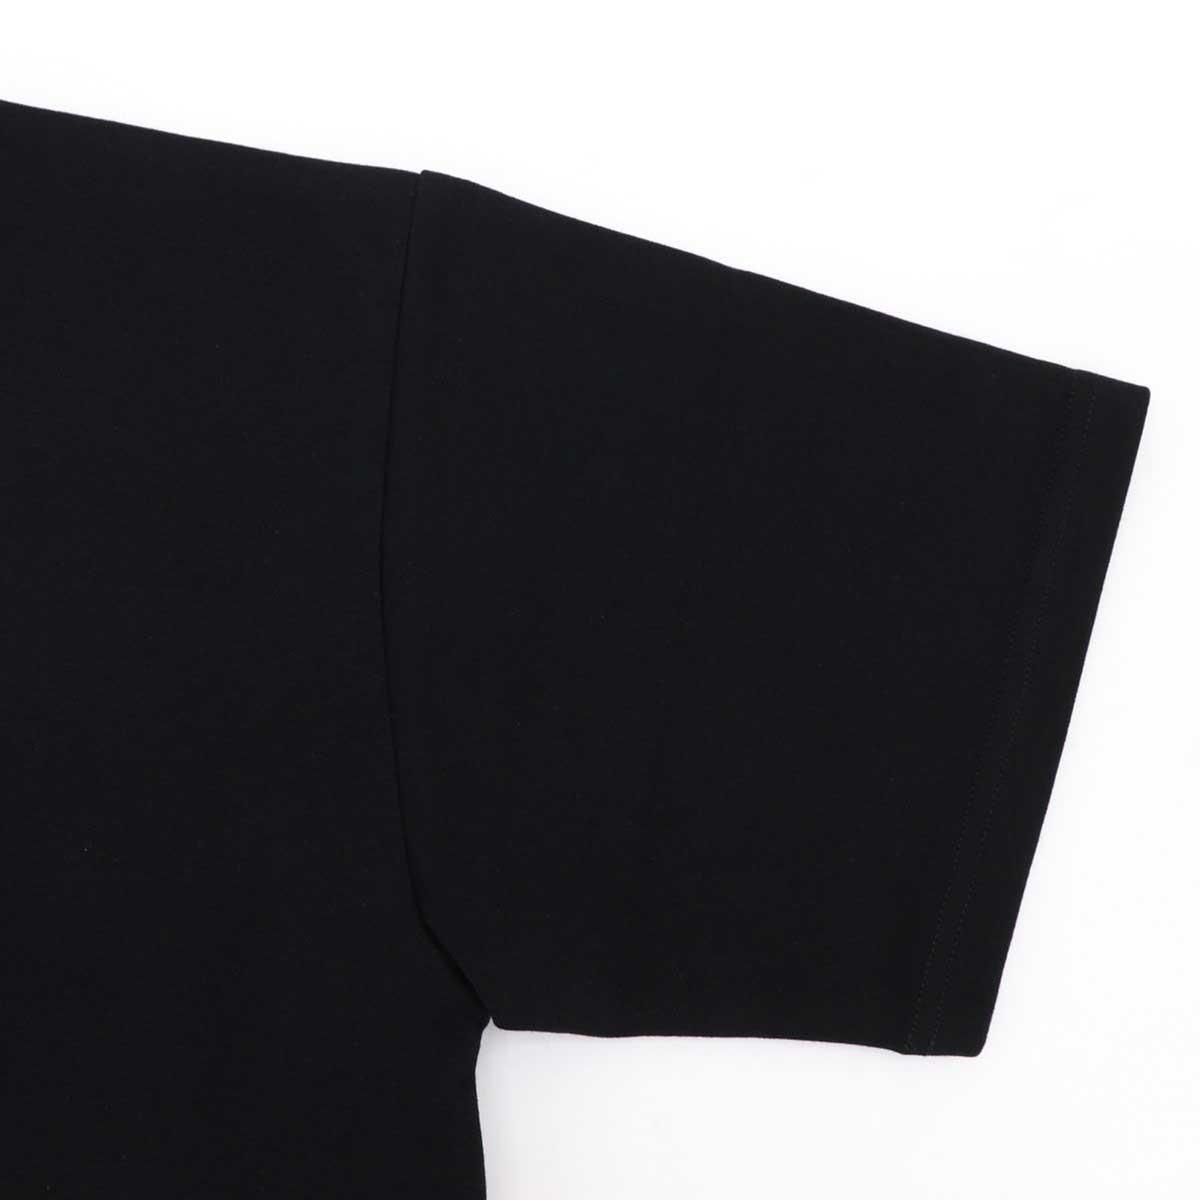 スウィープ ロサンゼルス Sweep!! LosAngeles メンズ 吸水速乾 クルーネック BIGシルエットTシャツ SL160005 SWP BLACK(ブラック) 春夏新作